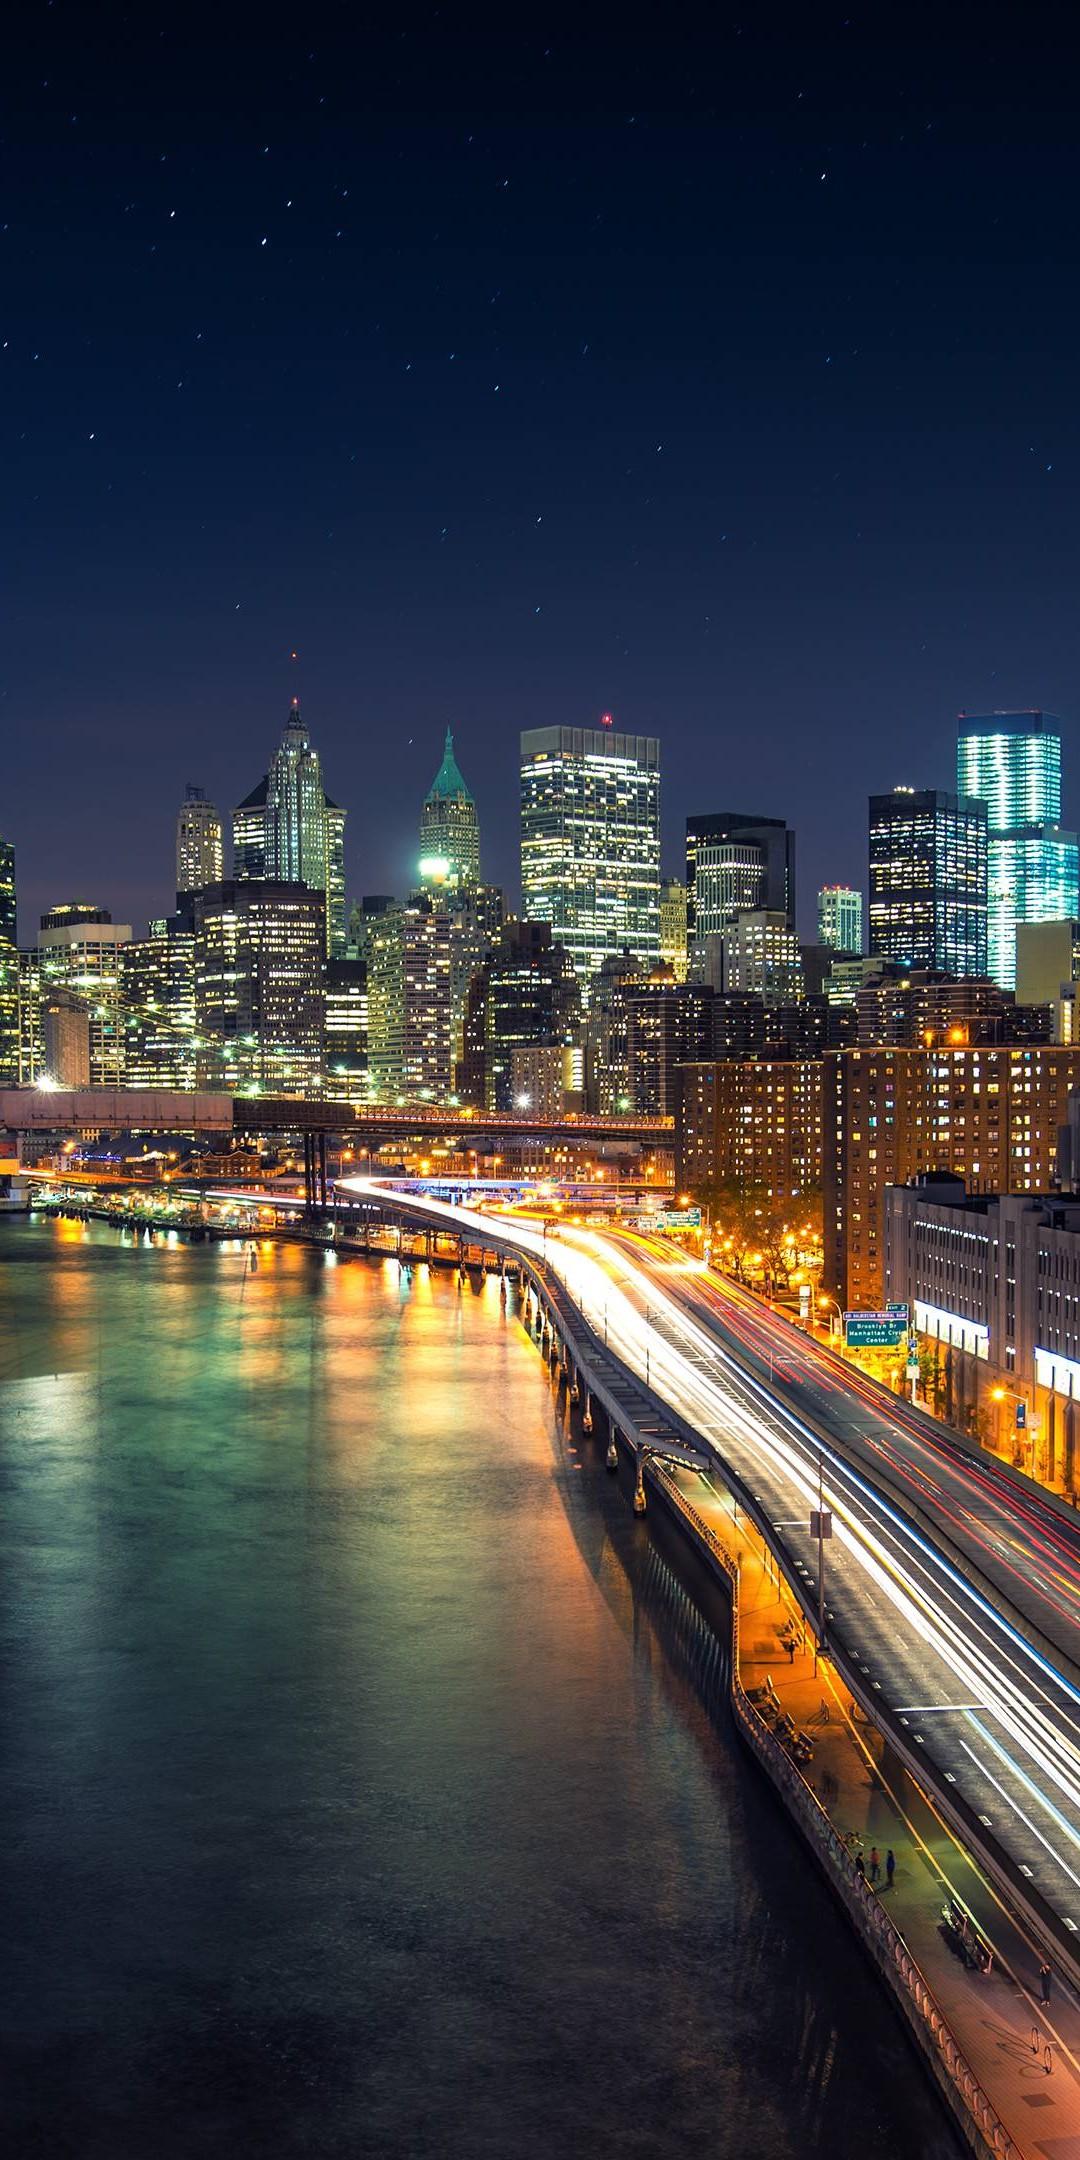 City Night Raod Wallpaper [1080x2160]